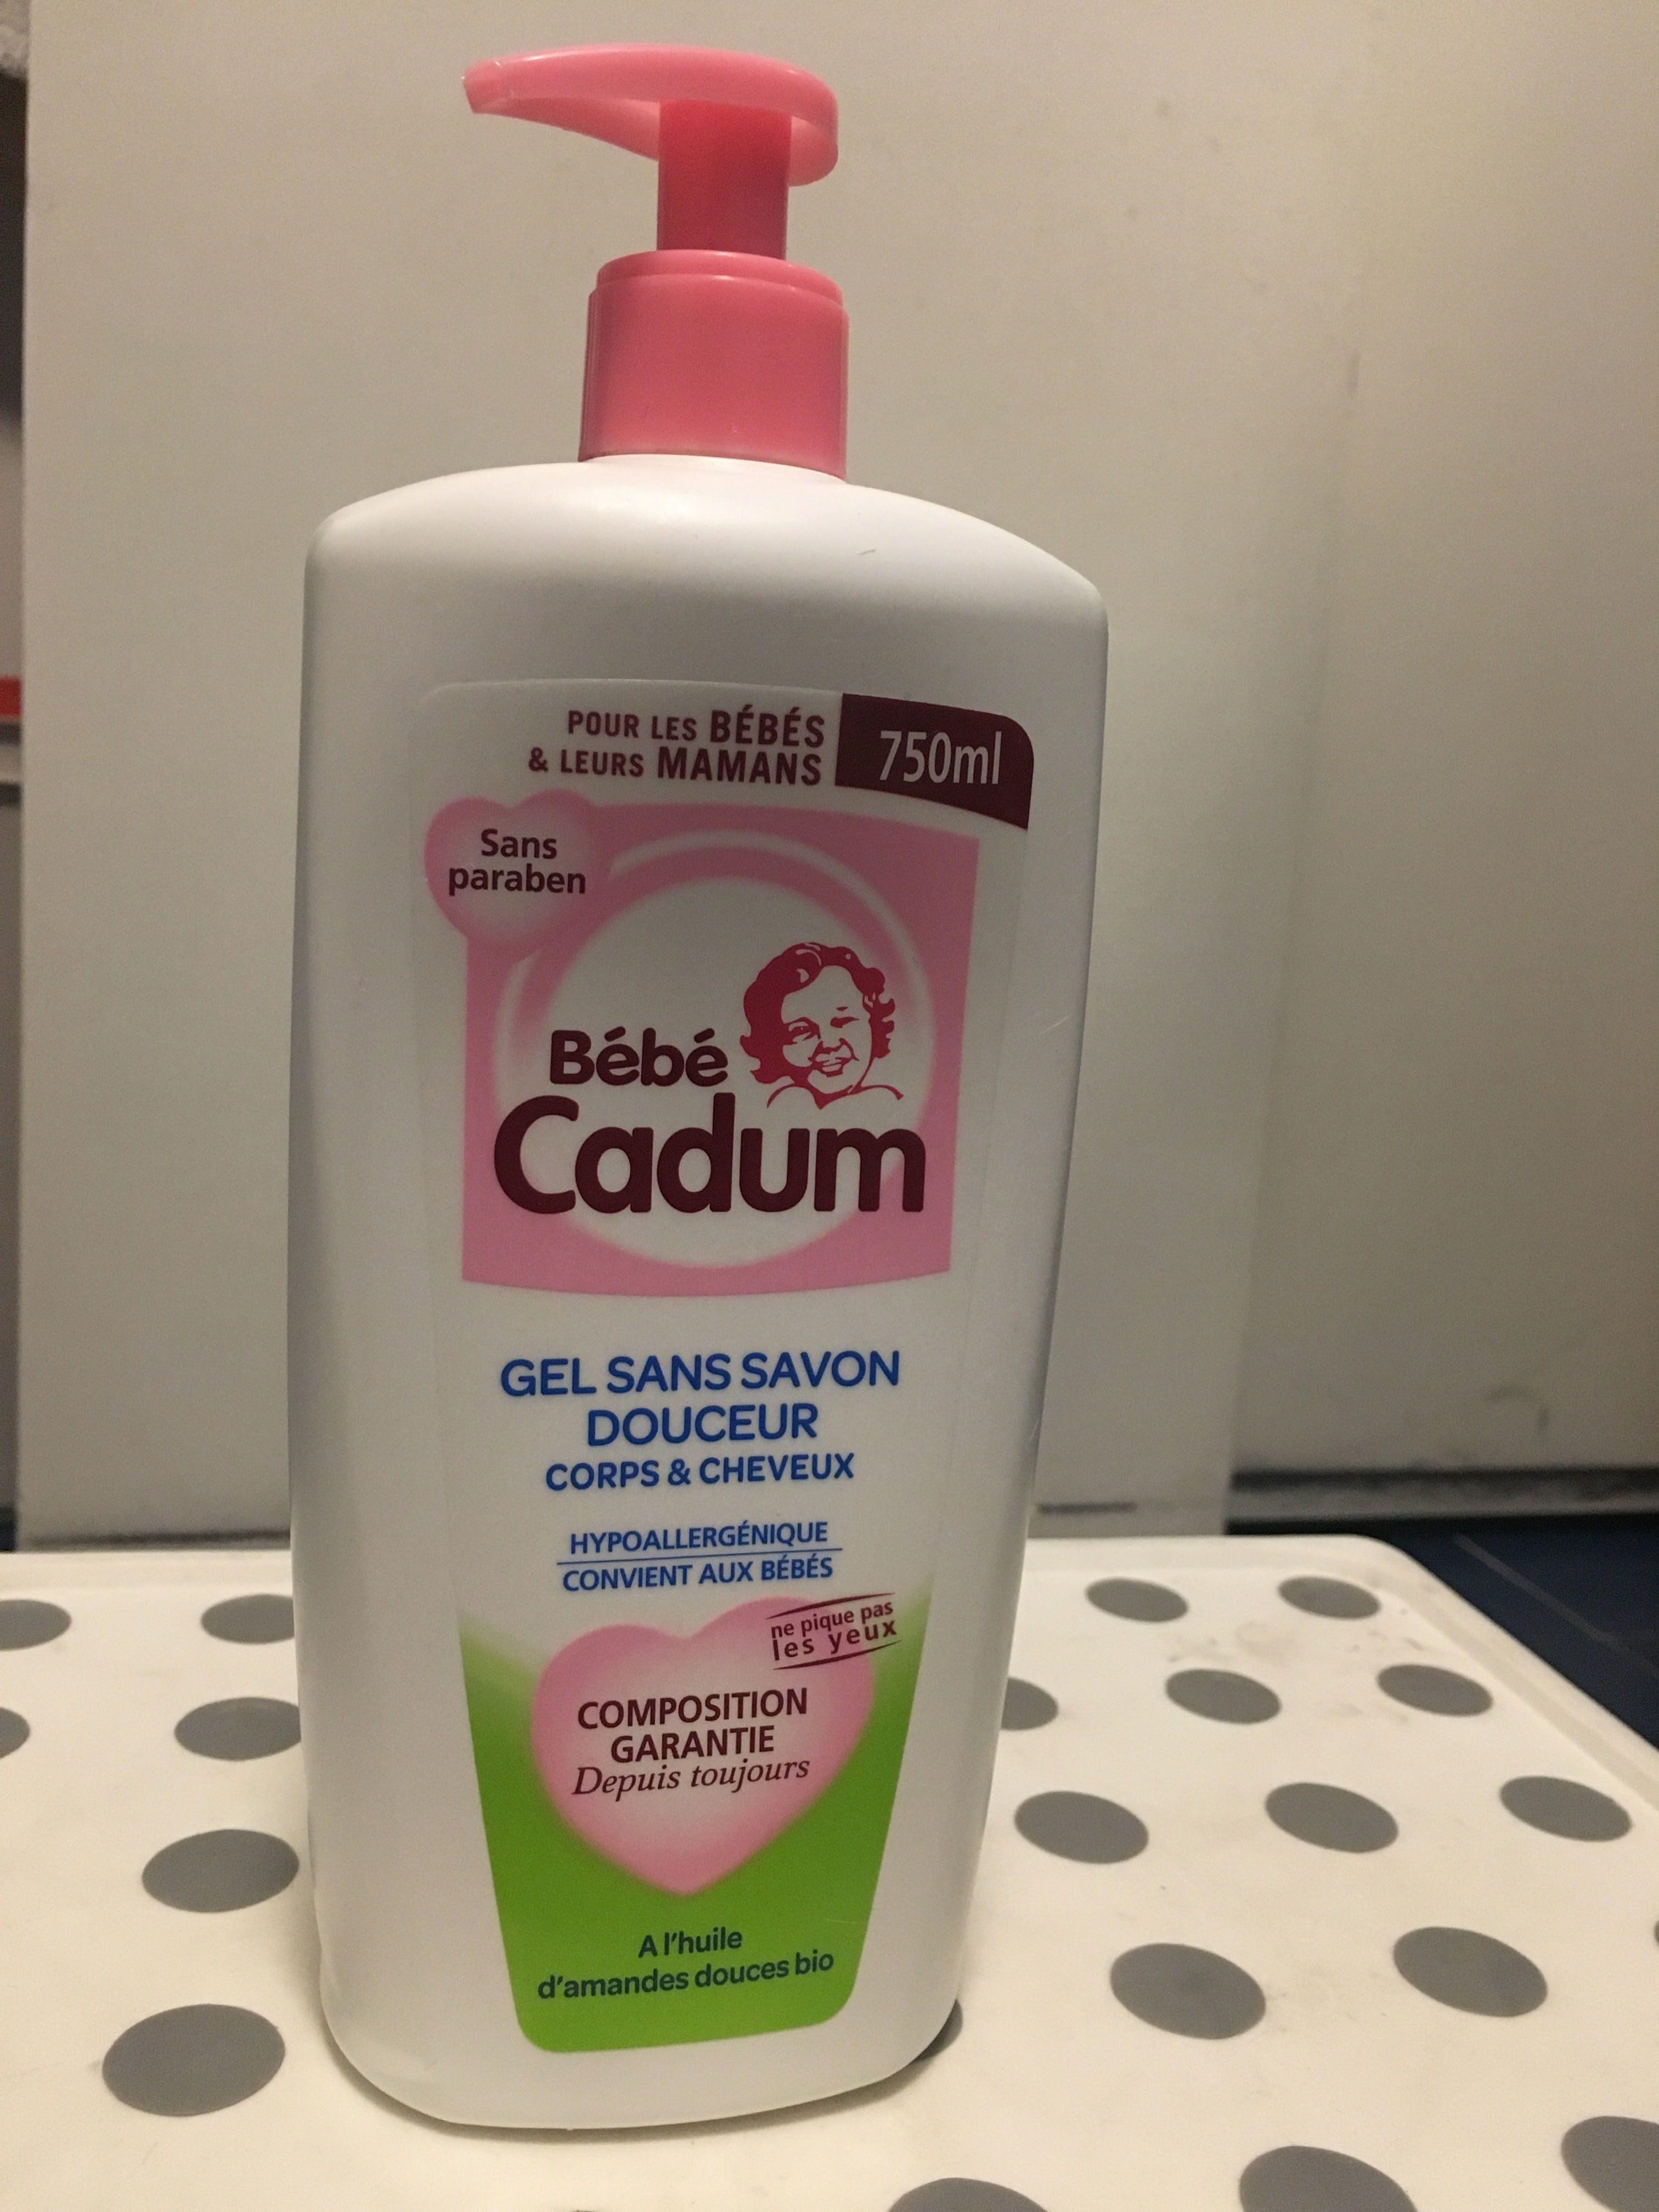 Gel sans savon corps et cheveux - Product - fr